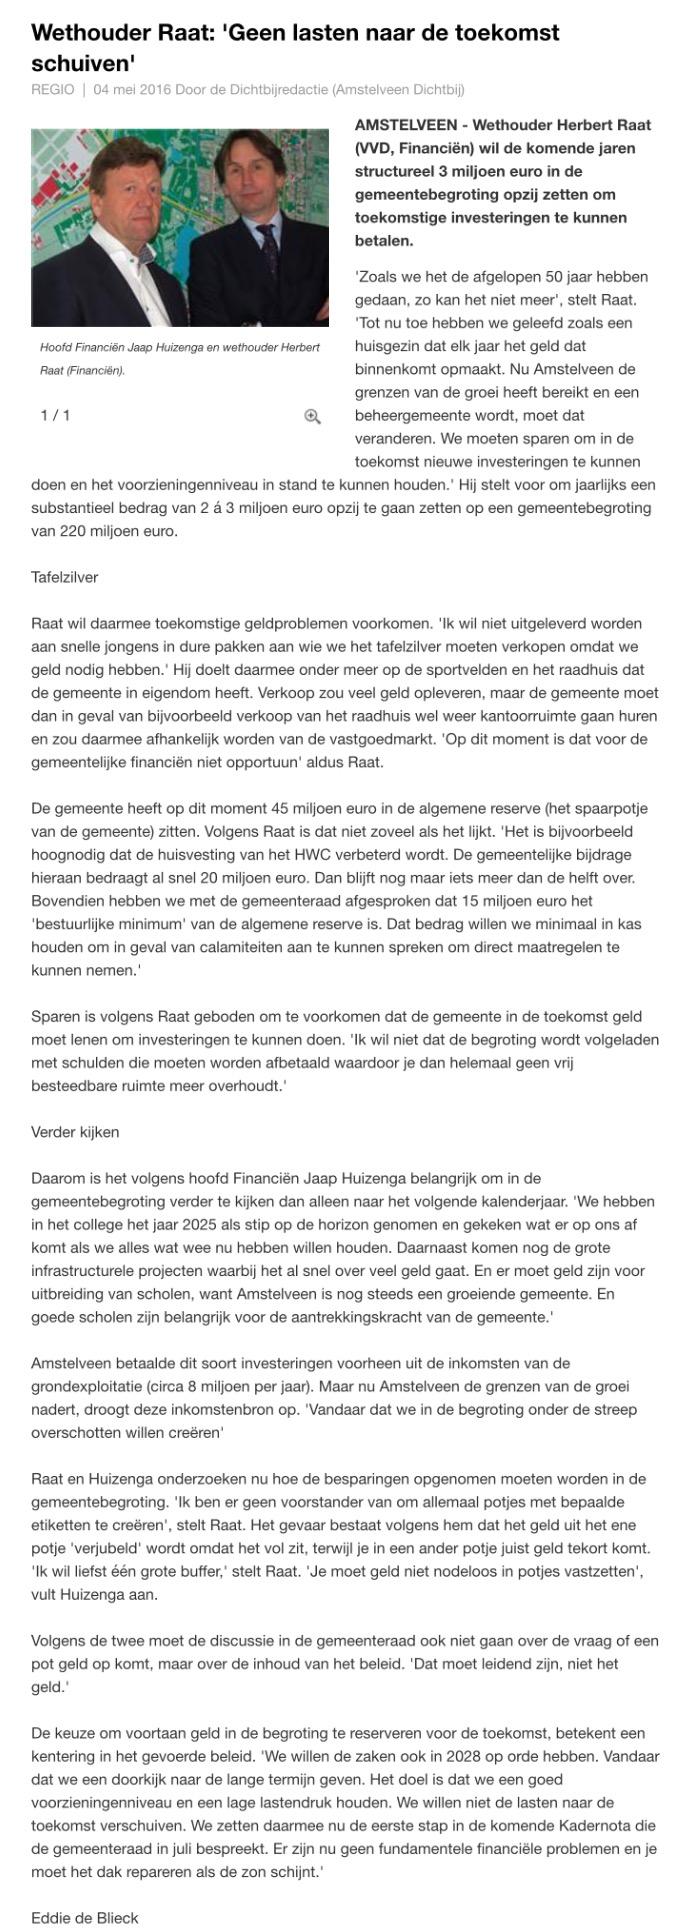 2016-4 mei interview AmstelveenDichtbij met wethouder Herbert Raat en Jaap Huizenga over financiën